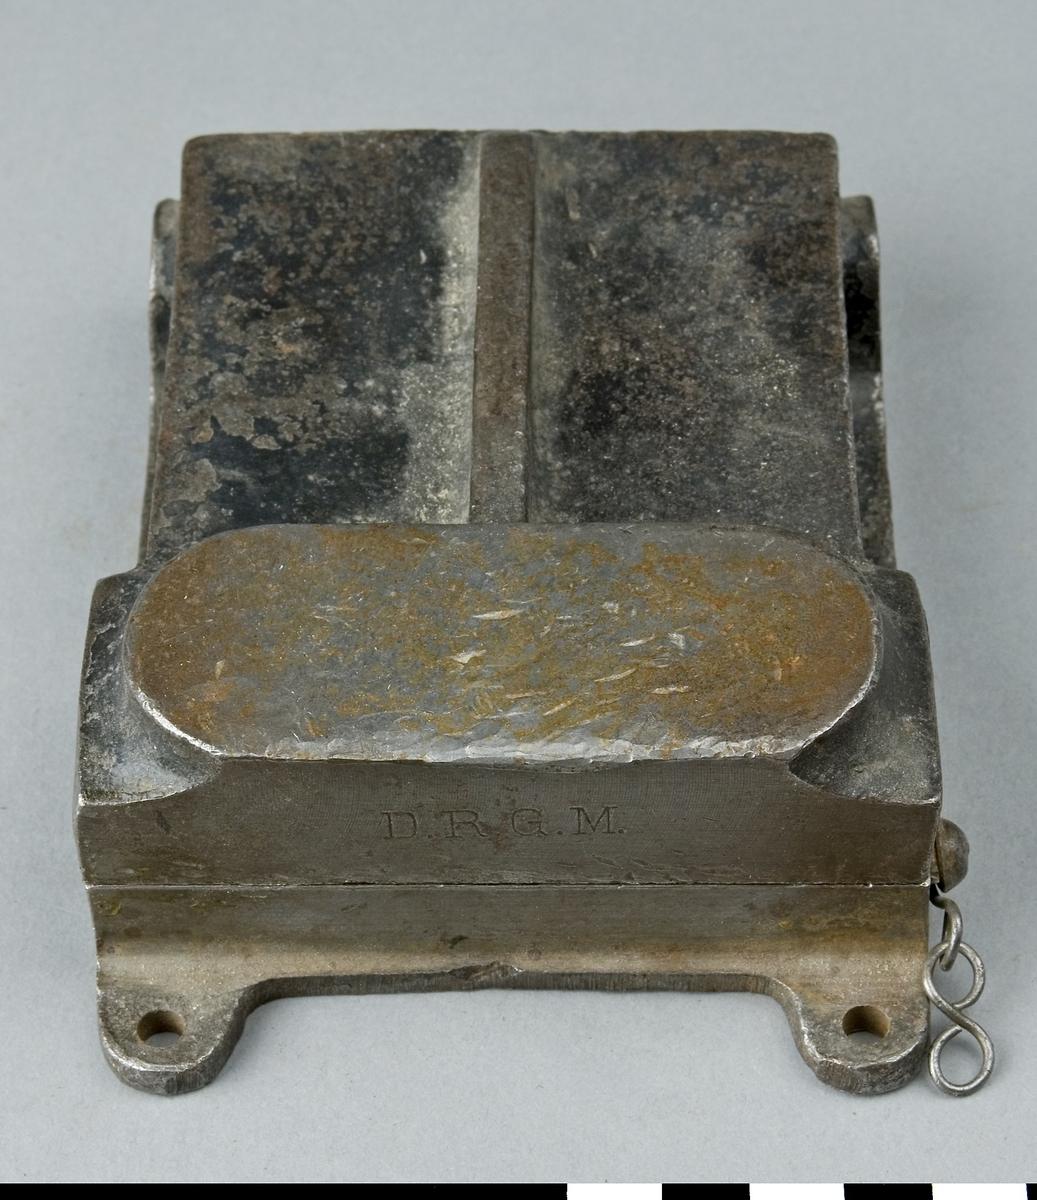 Klammerpress i gjutet utförande för fastpressning av klammer i transmissionsrem vid skarvning. Klammerpressen består av två plattor där den främre delen utgörs av en pressback, där den undre har en mässingsback för låsning av klammersatsen vid fastpressning. I den bakre delen av bottenplattan sitter den övre pressplattan ledad. Vid fastpressning av klammer lägges änden på remmen och klammersatsen mellan pressbackarna. Genom slag på den övre pressbackens slagyta pressas klammer in i remmen. Bottenplattan har tre hål för fastskruvning i bänk. Klammerpressen är stämplad D.R.G.M.  Funktion: Skarvning av drivremmar